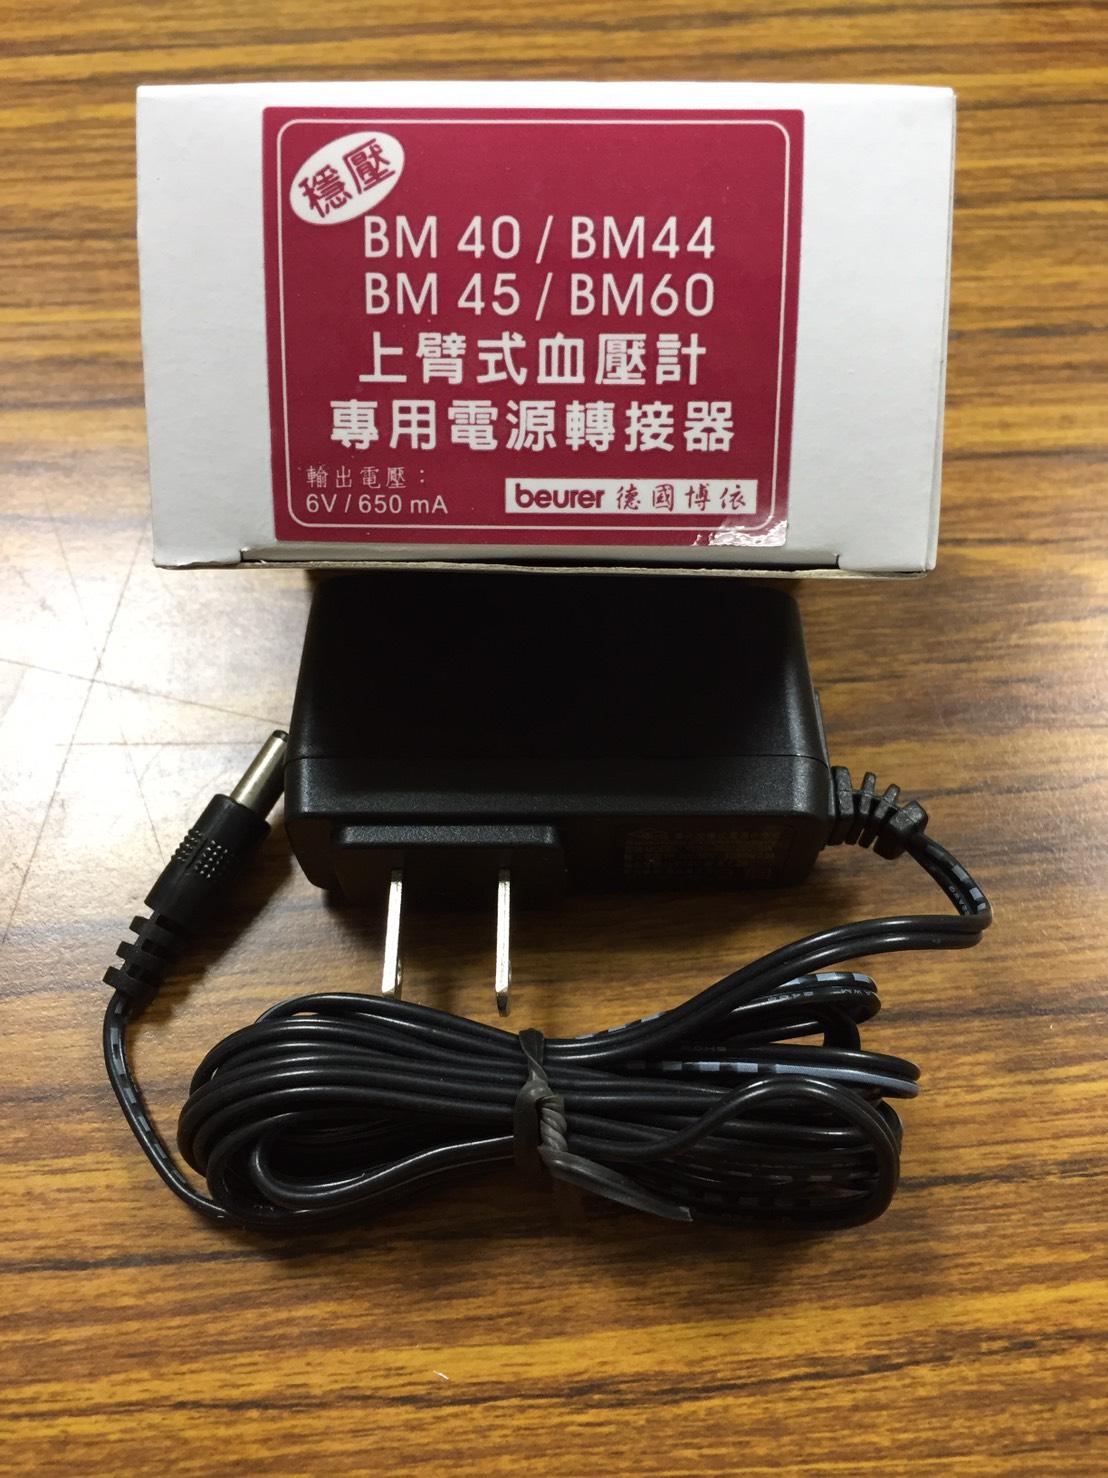 德國博依血壓計專用電源轉接器